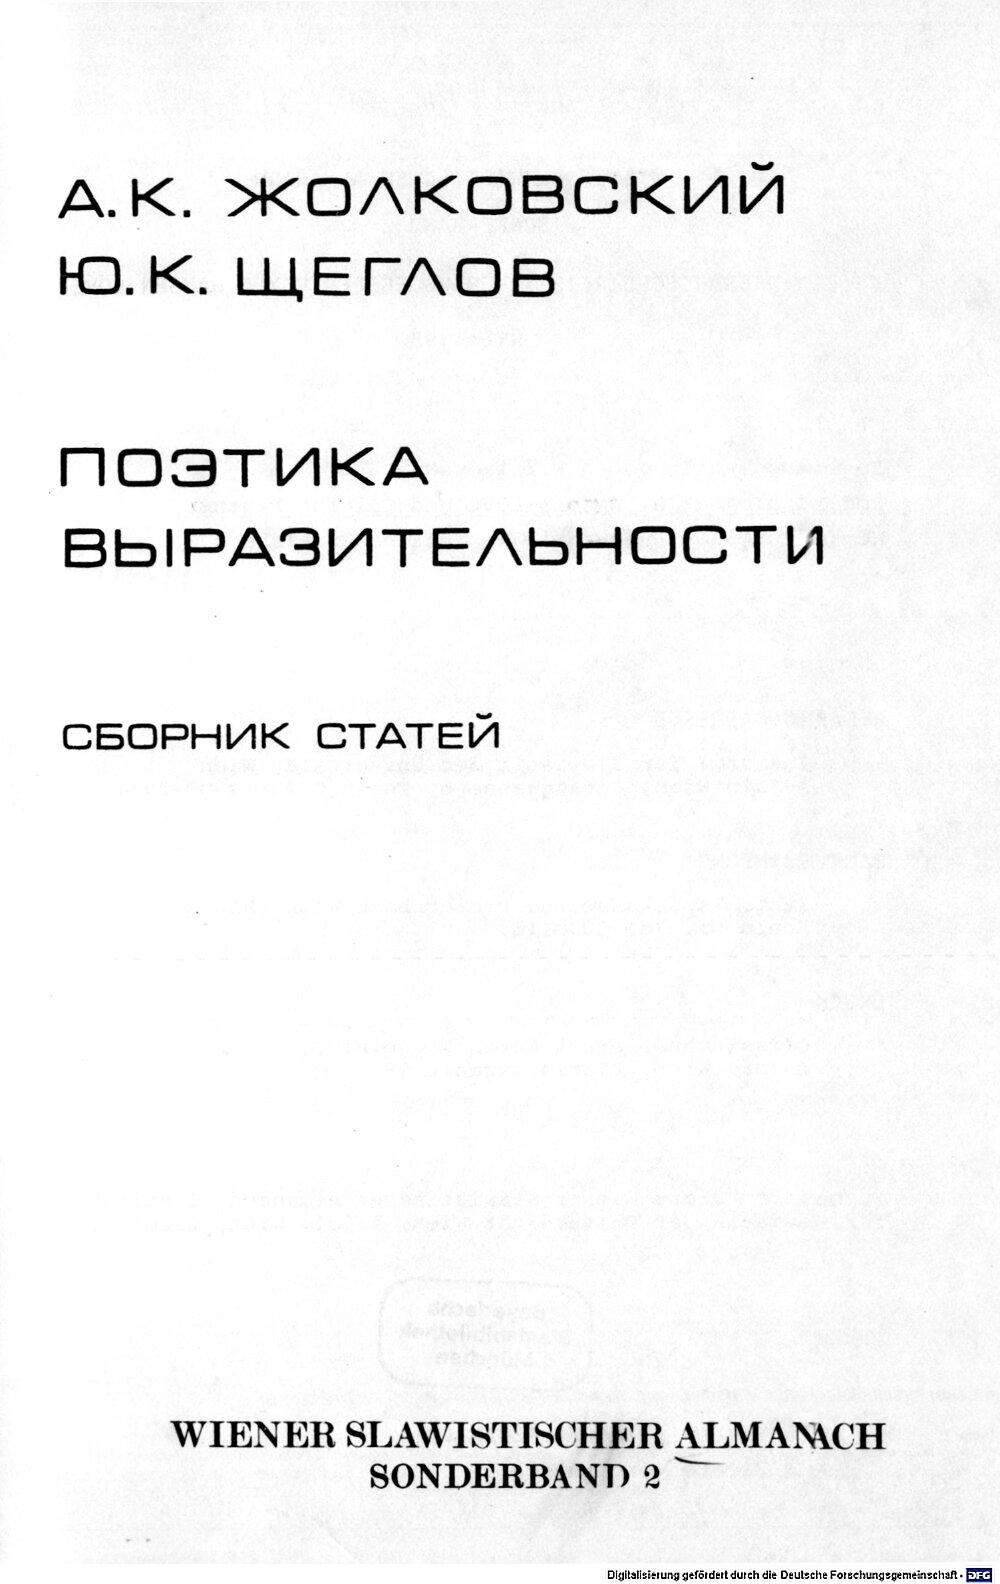 bsb00064795_00001.jpg